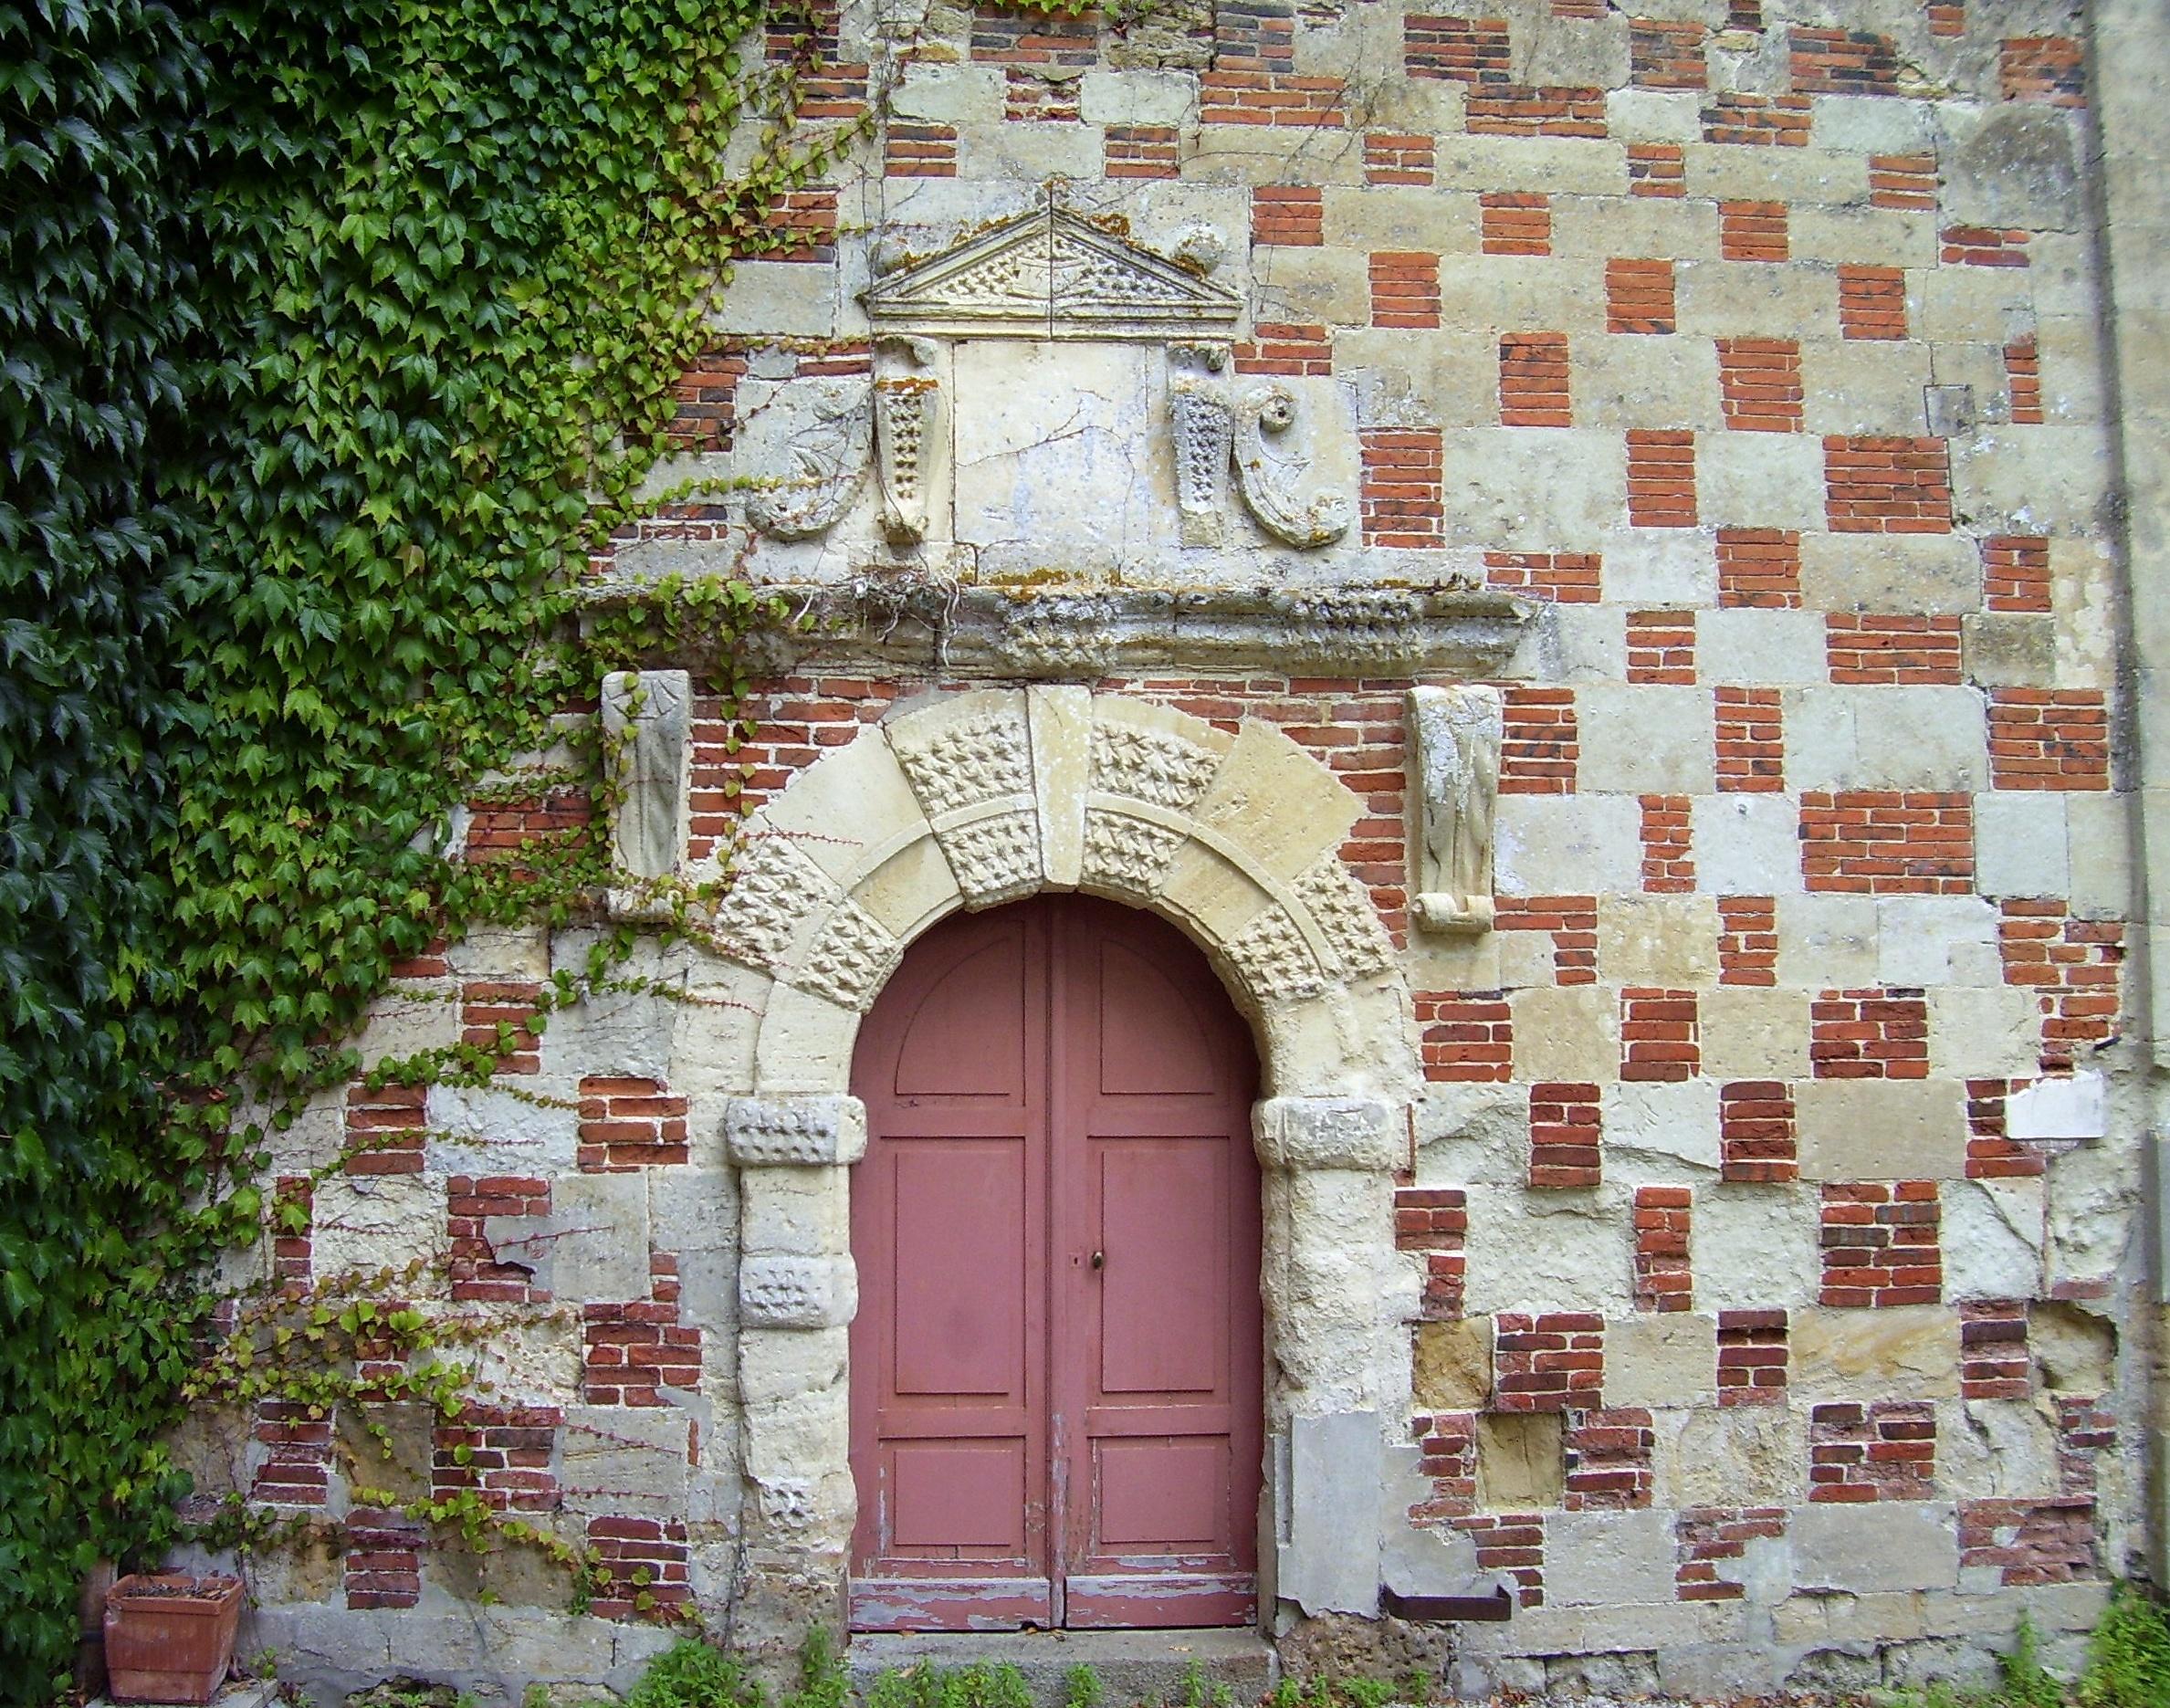 Eingang an der Kirche, dieser Teil erinnert schon sehr an das Schloss, auch wenn die Backsteine nicht grün sind. Eigenes Foto (auf commons), Lizenz:public domain